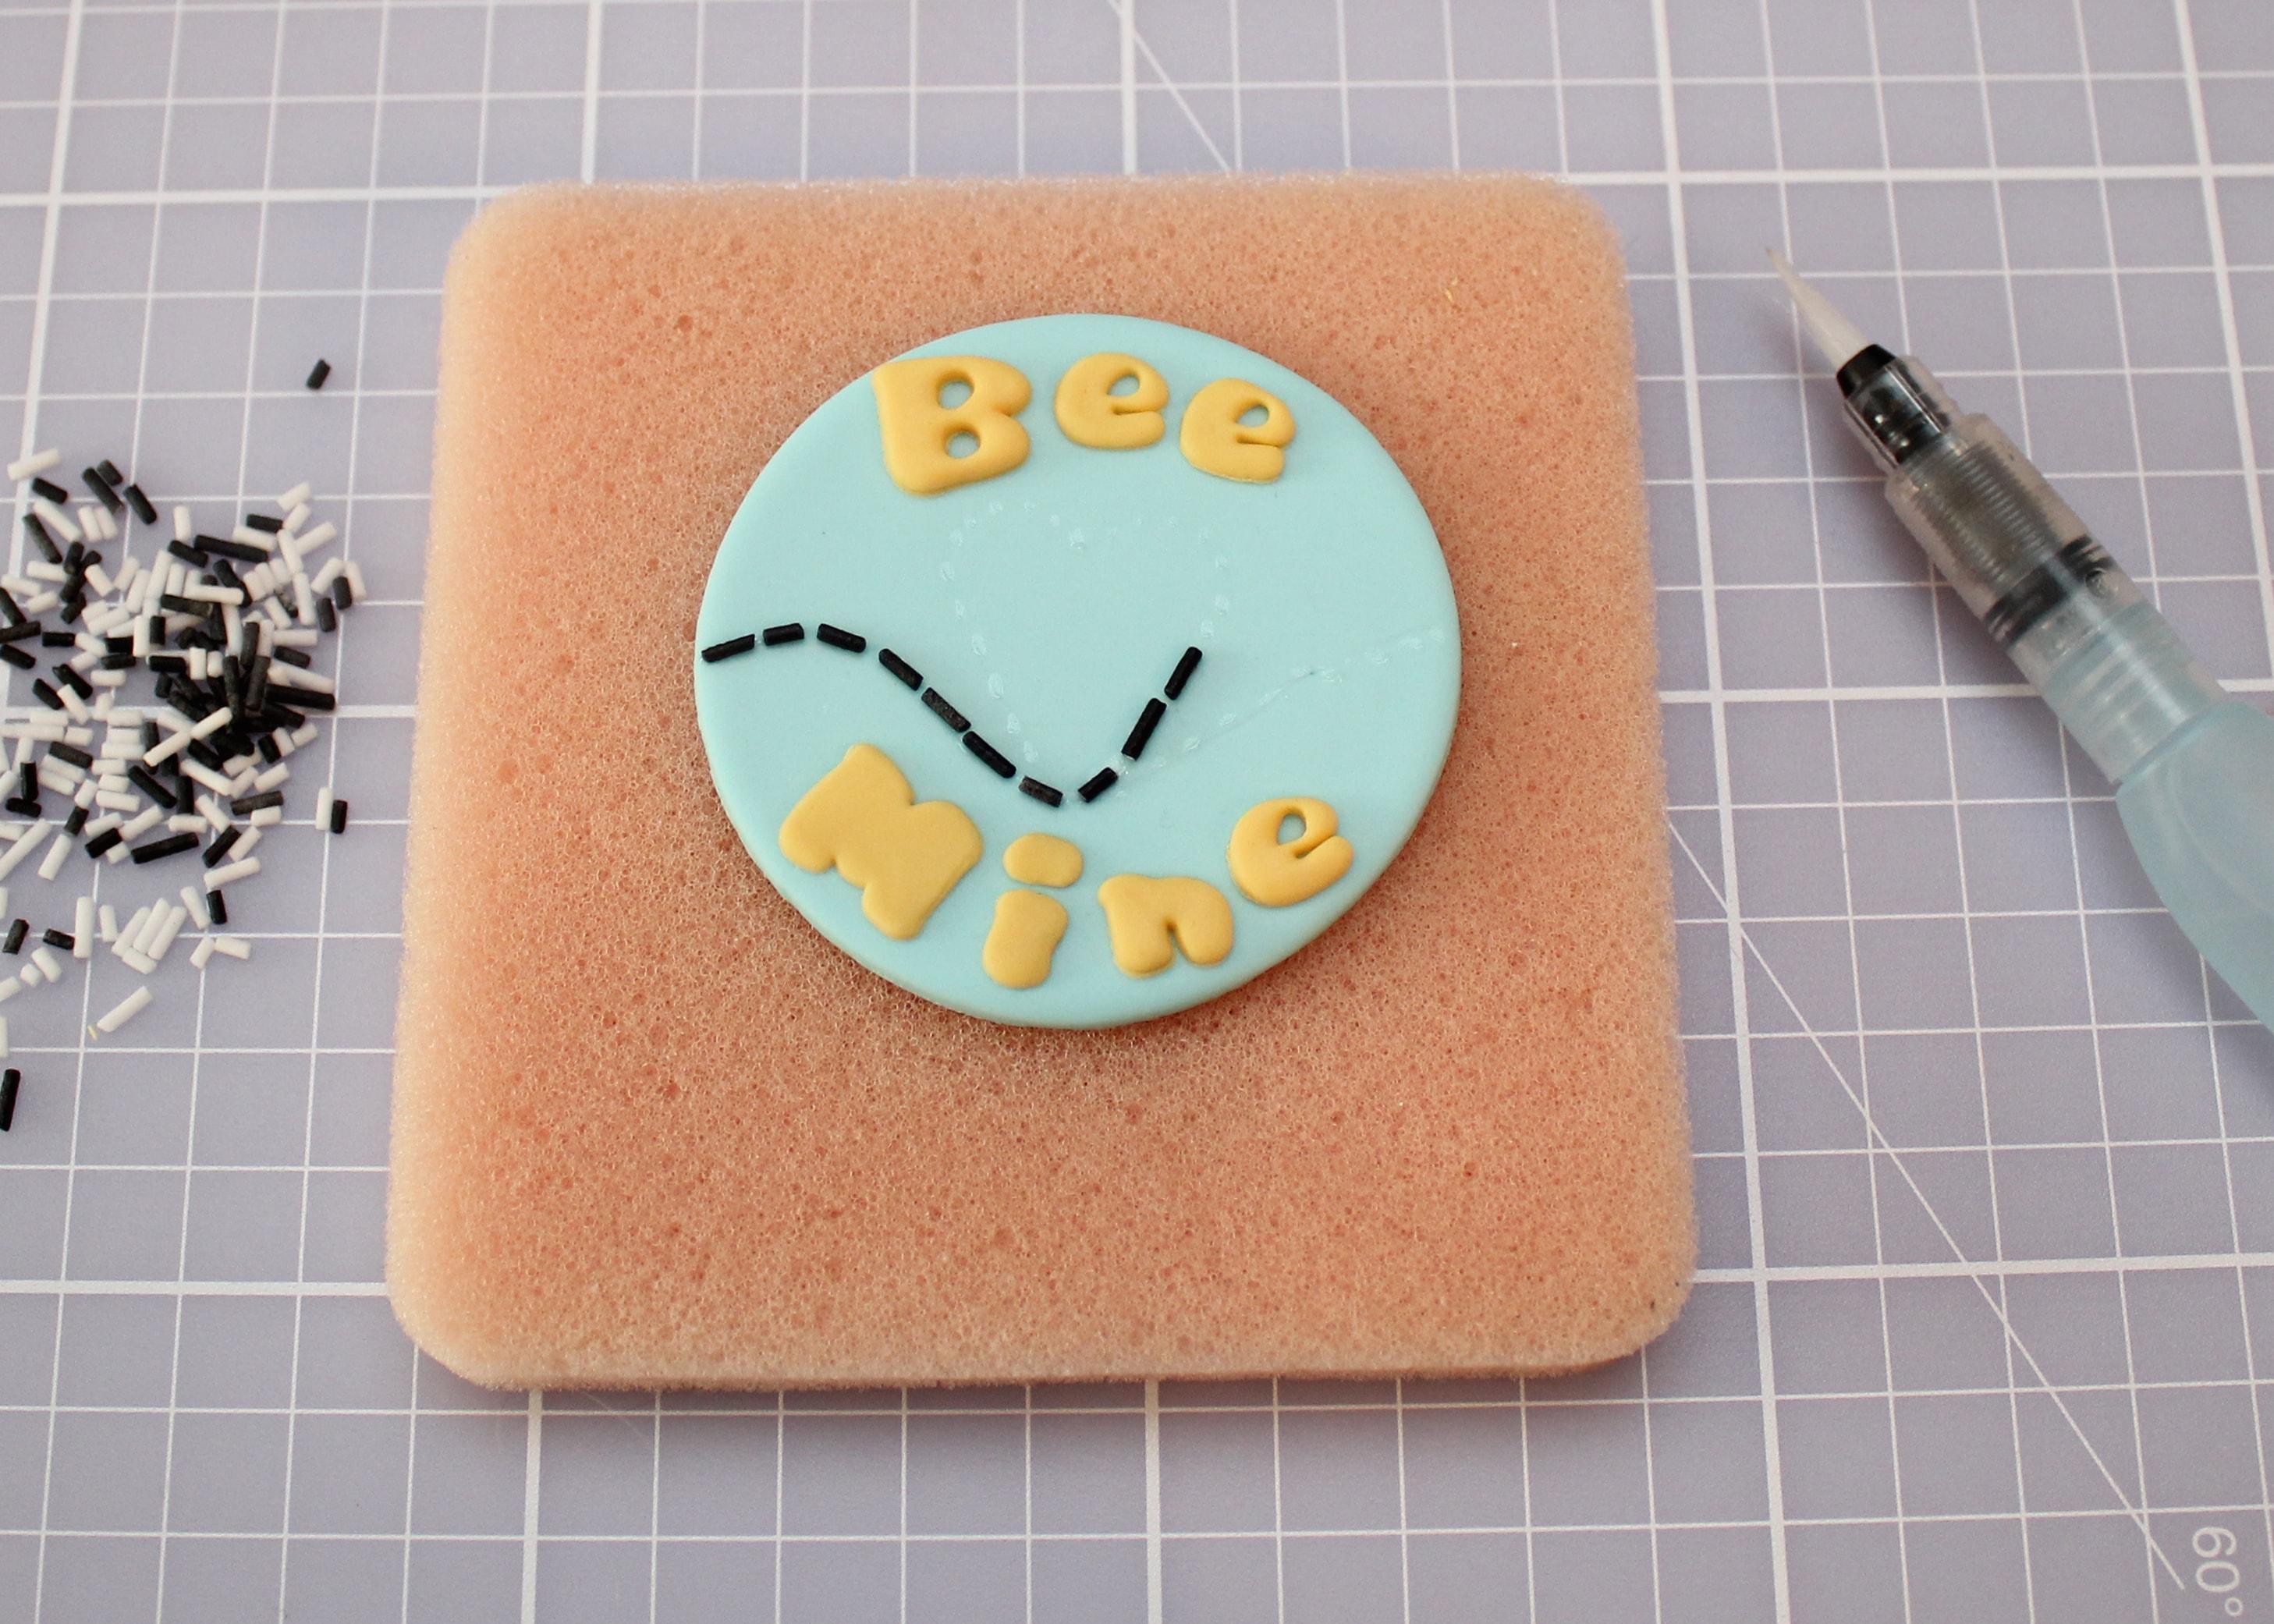 bee mine cake design